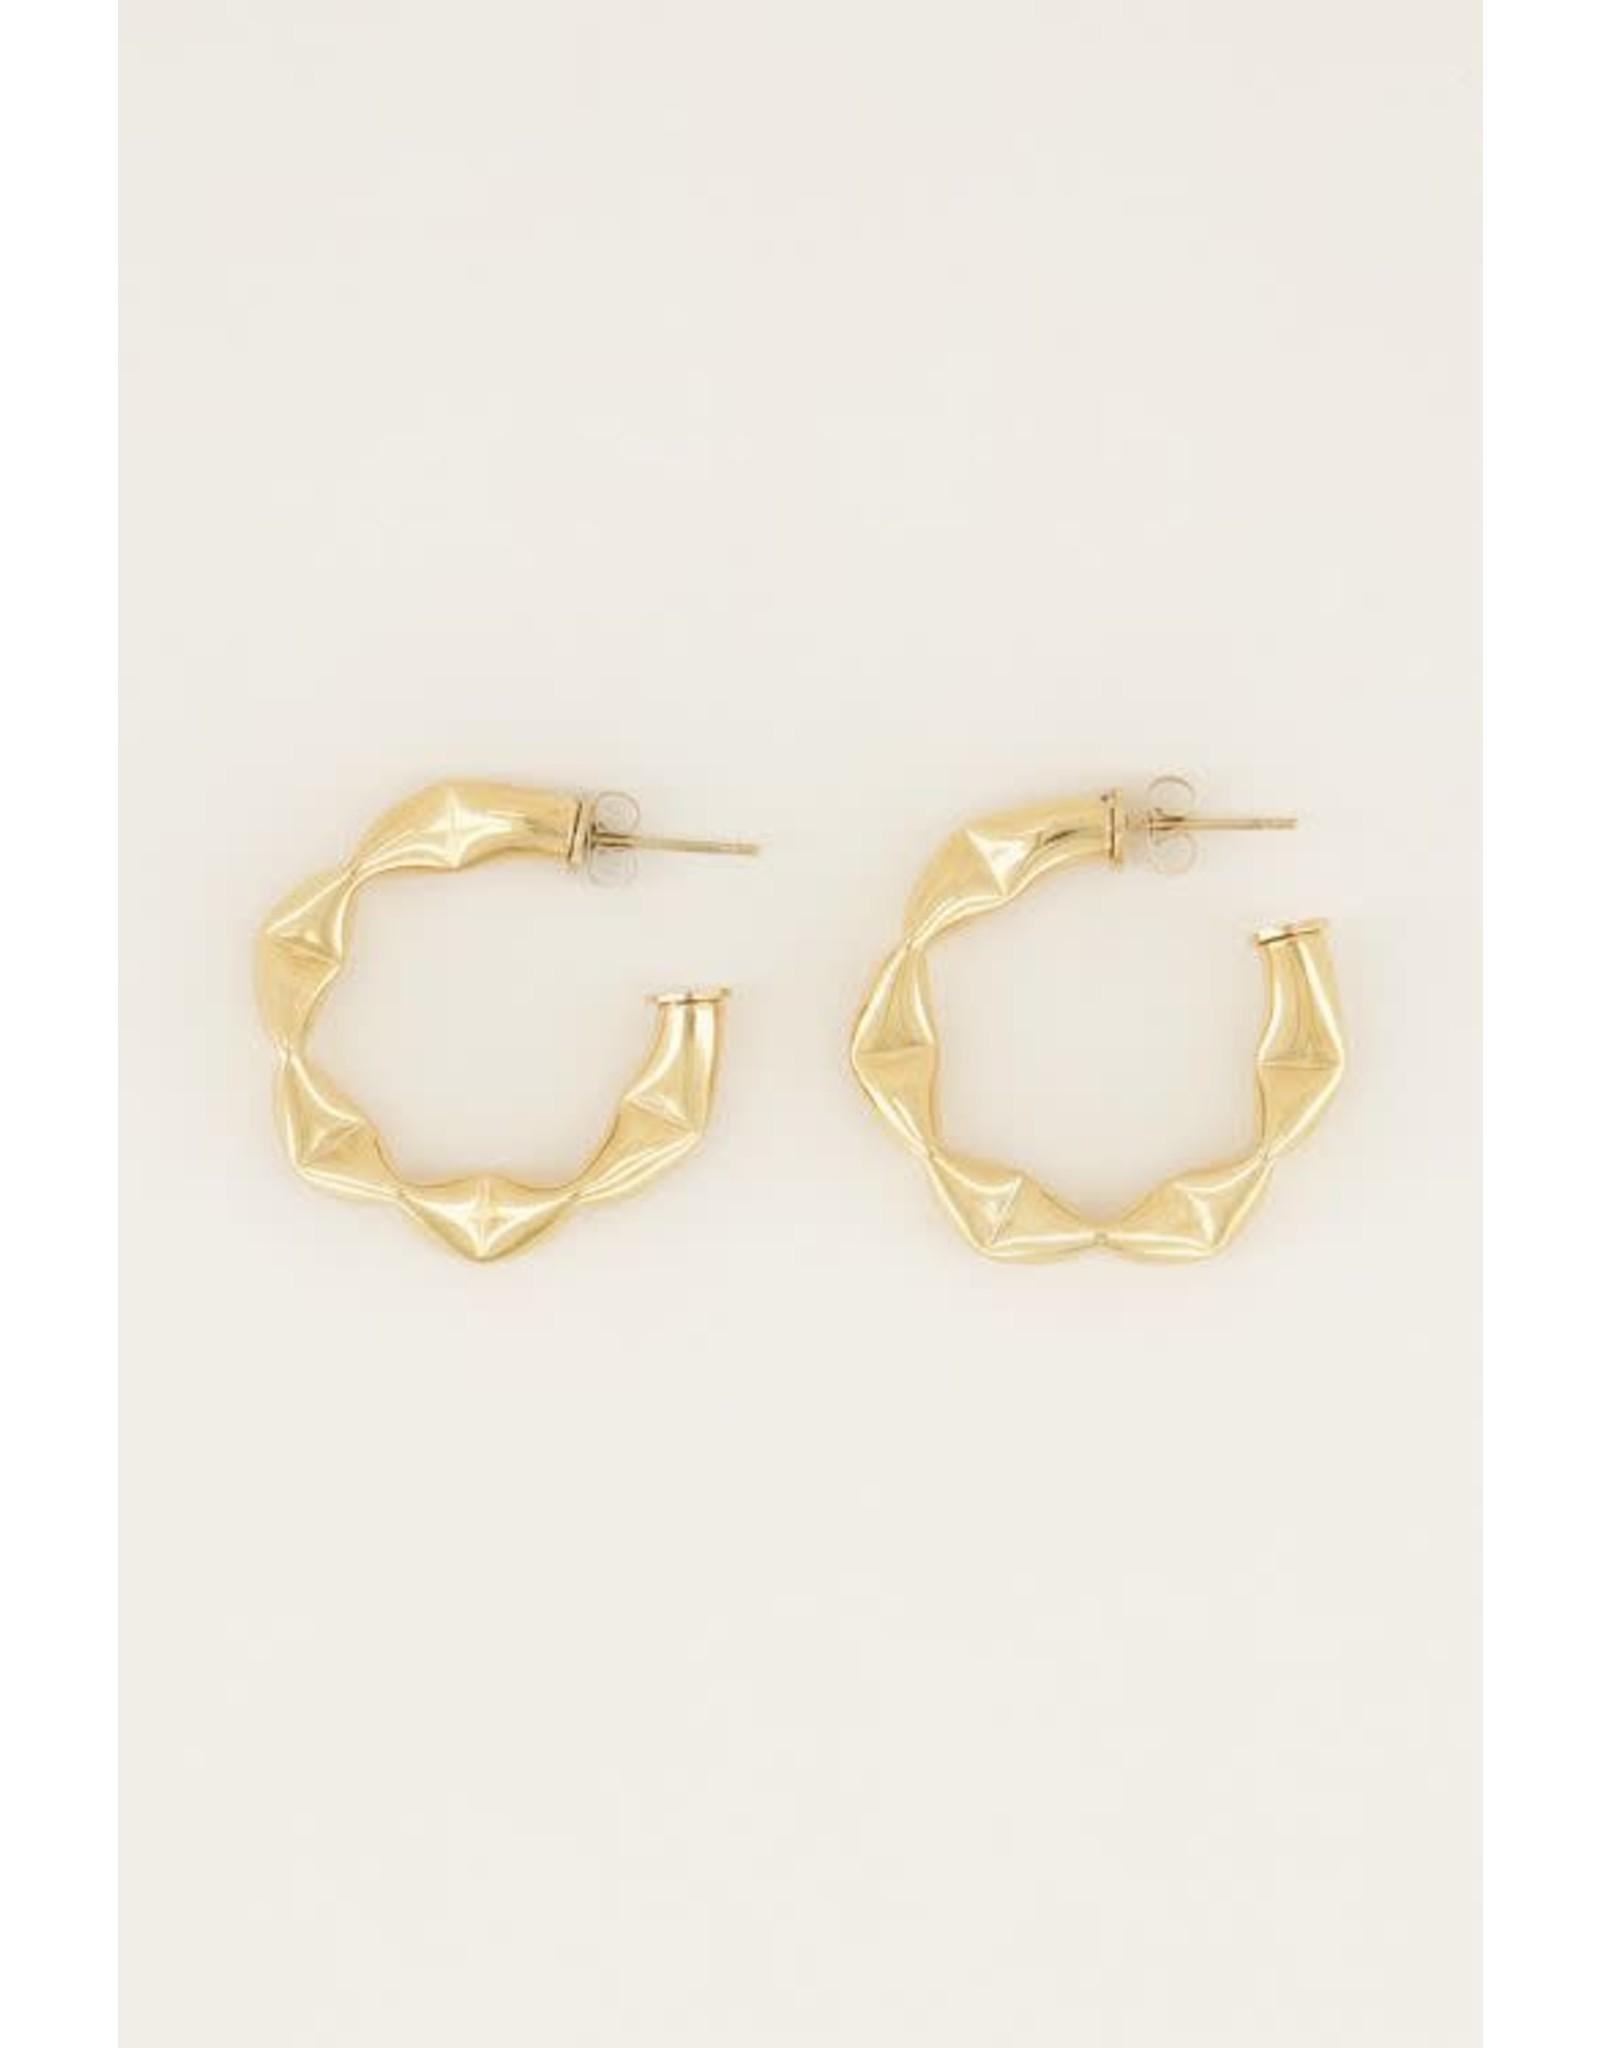 My Jewellery My Jewellery brede oorringen met patroon